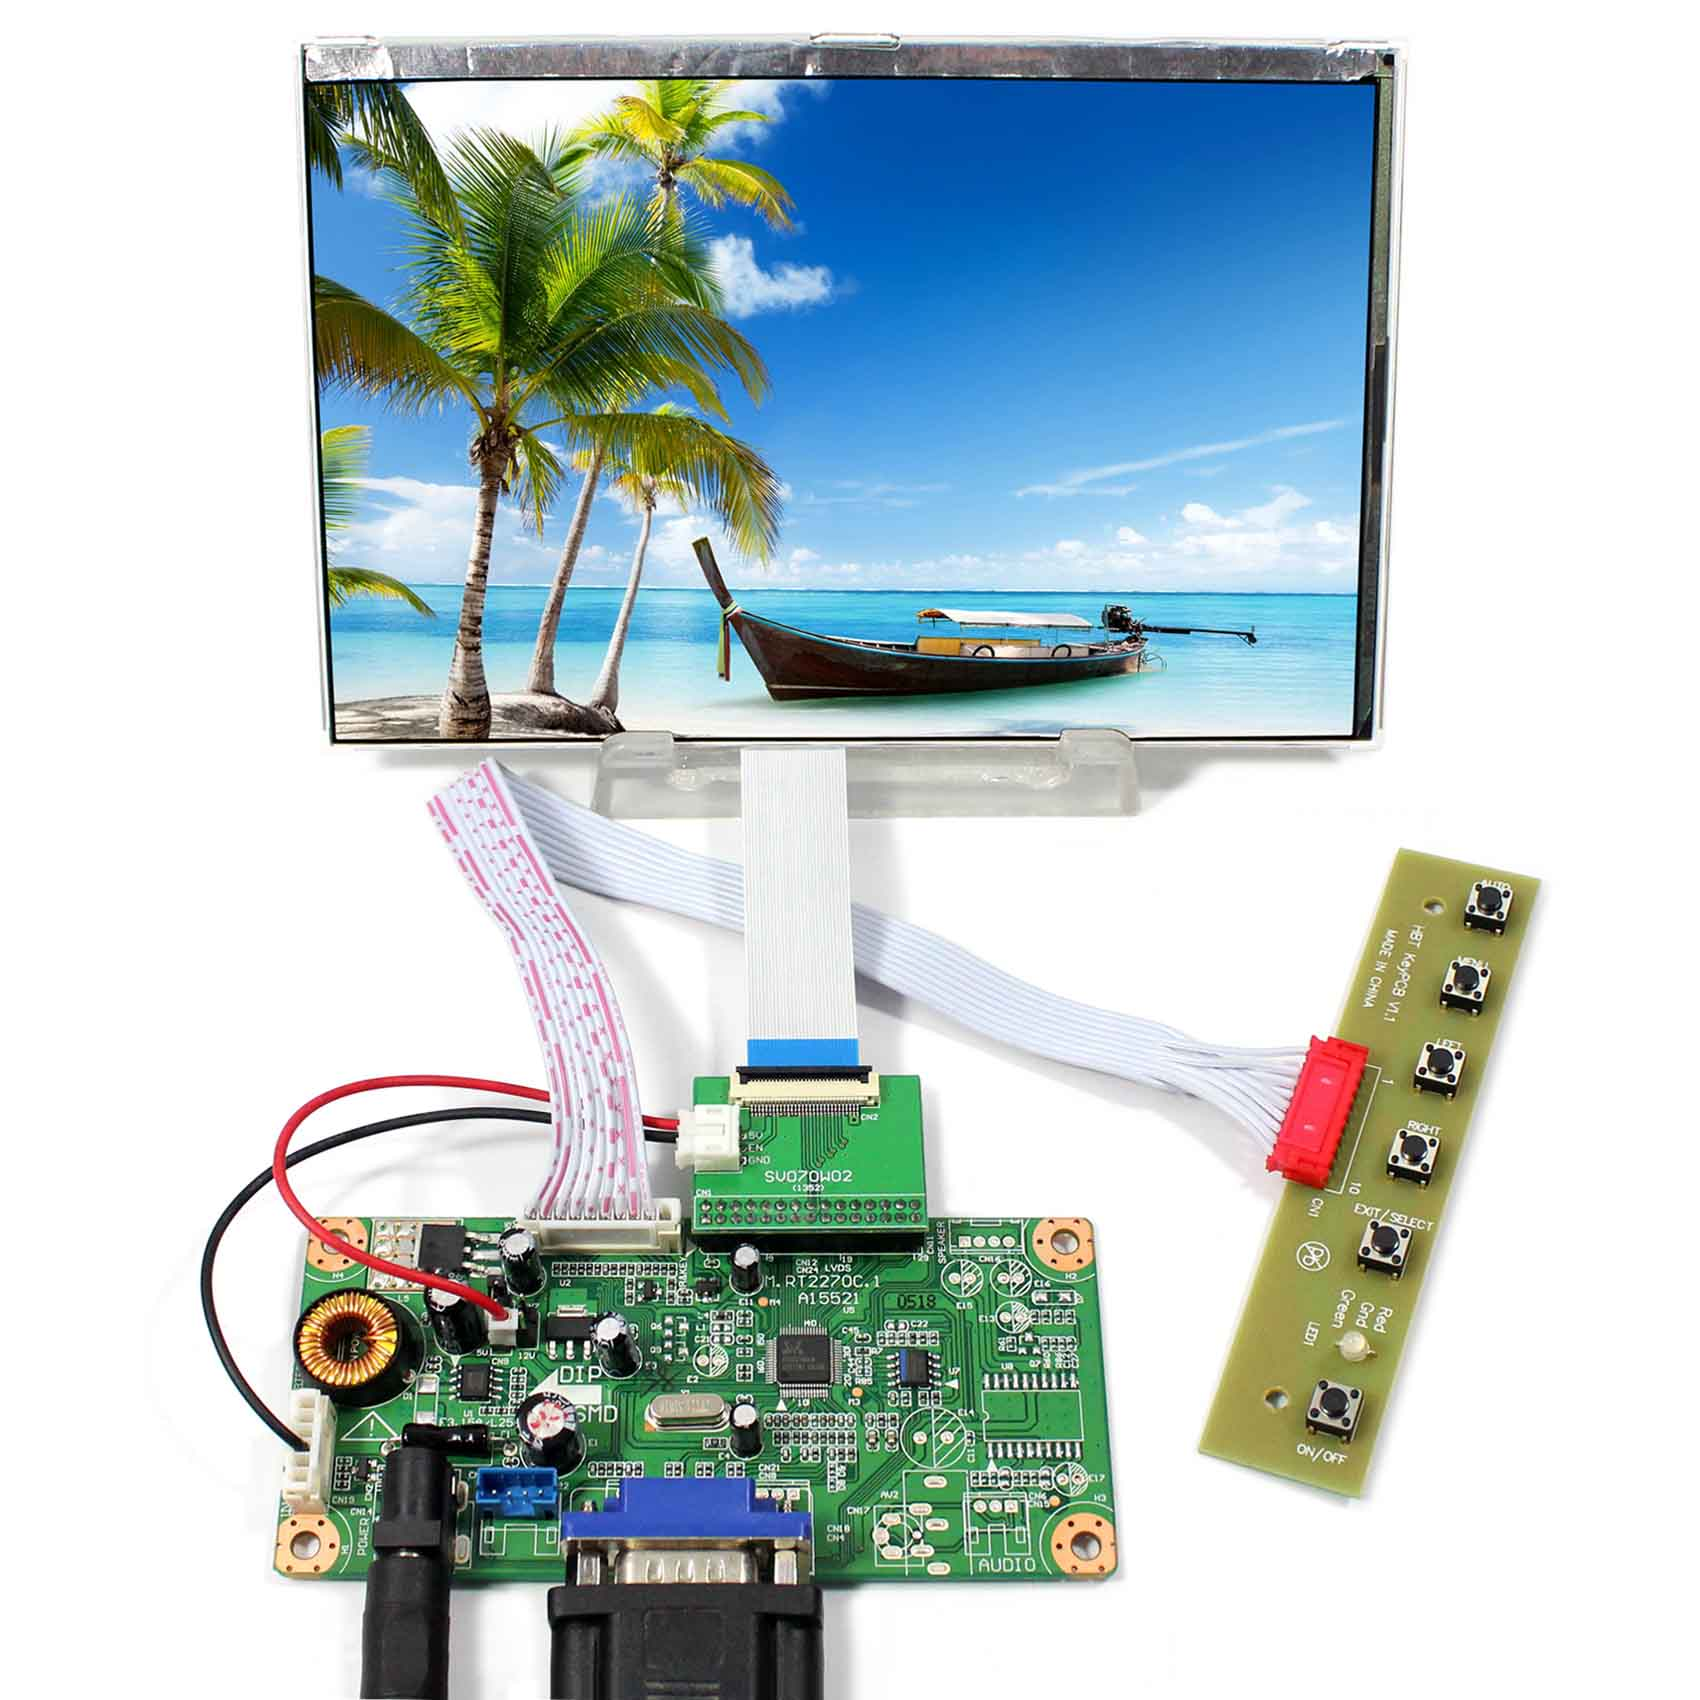 VGA LCD Controller Board 7inch 1280x800 HSD070PWW1-C00 IPS Sunshine Visible LCD Screen vga lcd controller board 10 1b101ew05 1280x800 lcd screen